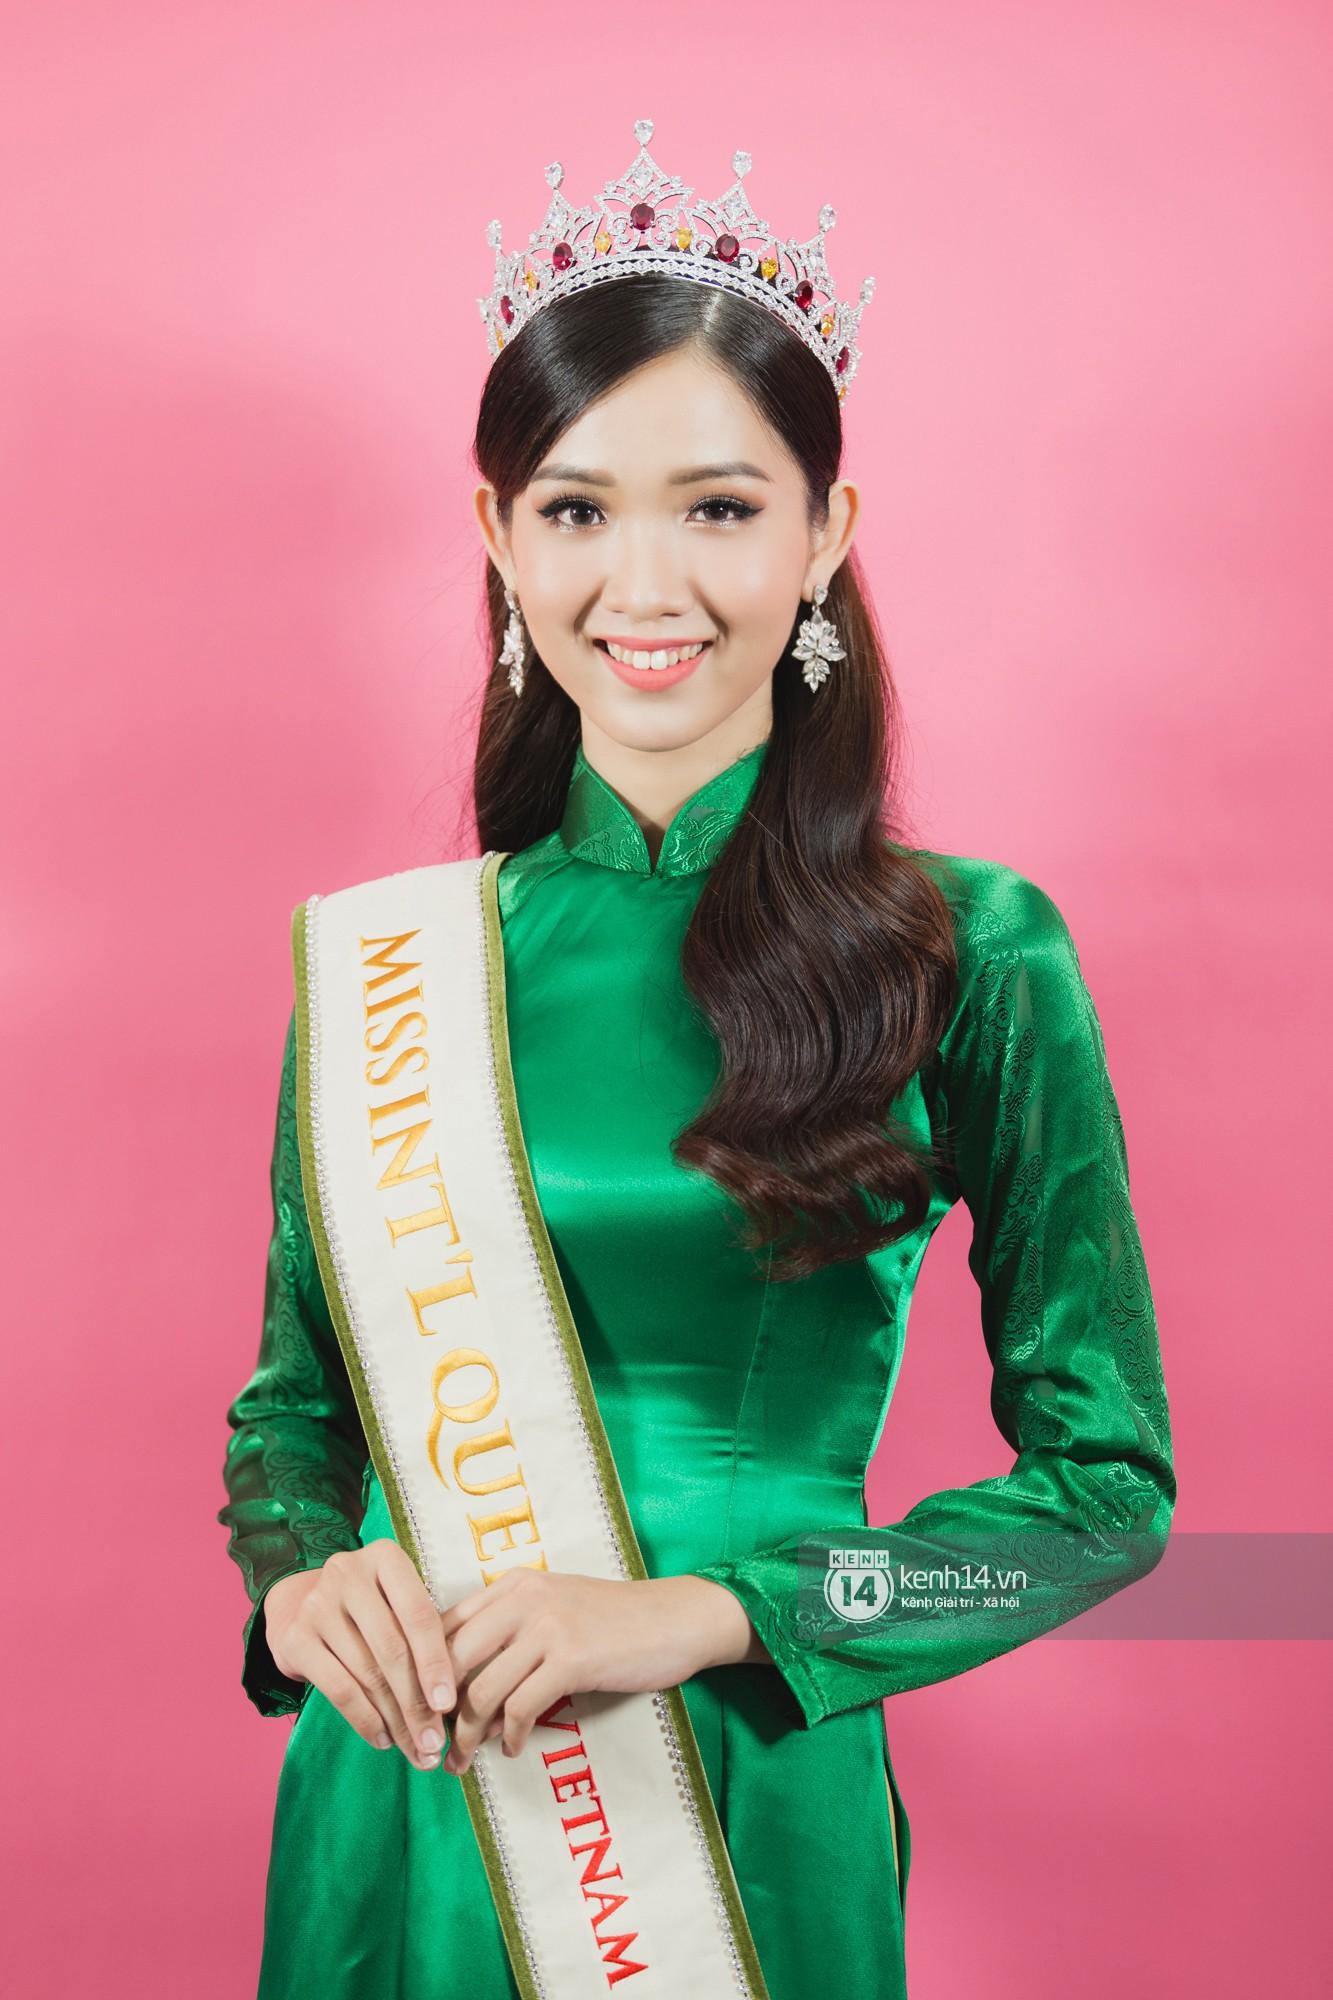 Nhật Hà diện Áo dài, tự tin nói về Tết Việt bằng tiếng Anh trong clip giới thiệu tại Miss International Queen 2019 - Ảnh 6.